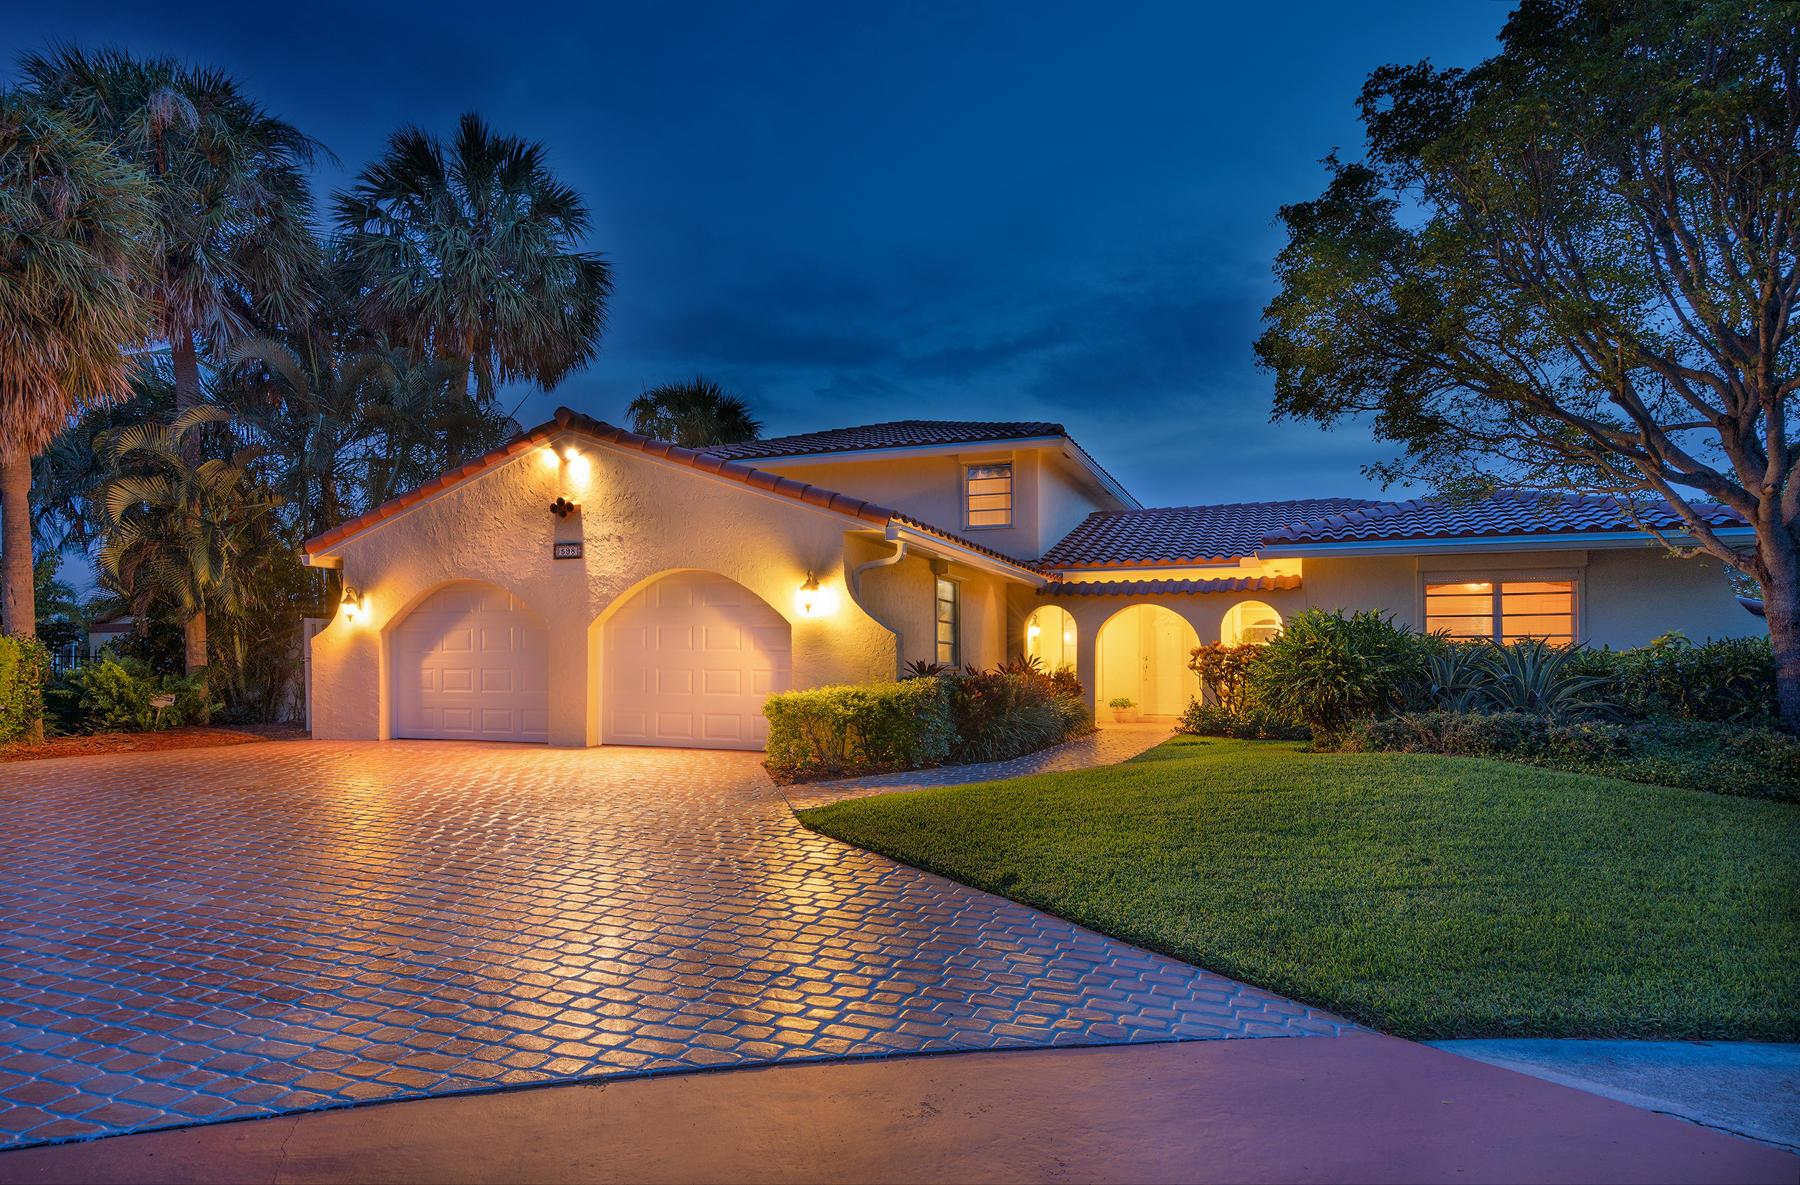 Home for sale in Estoville Boca Raton Florida